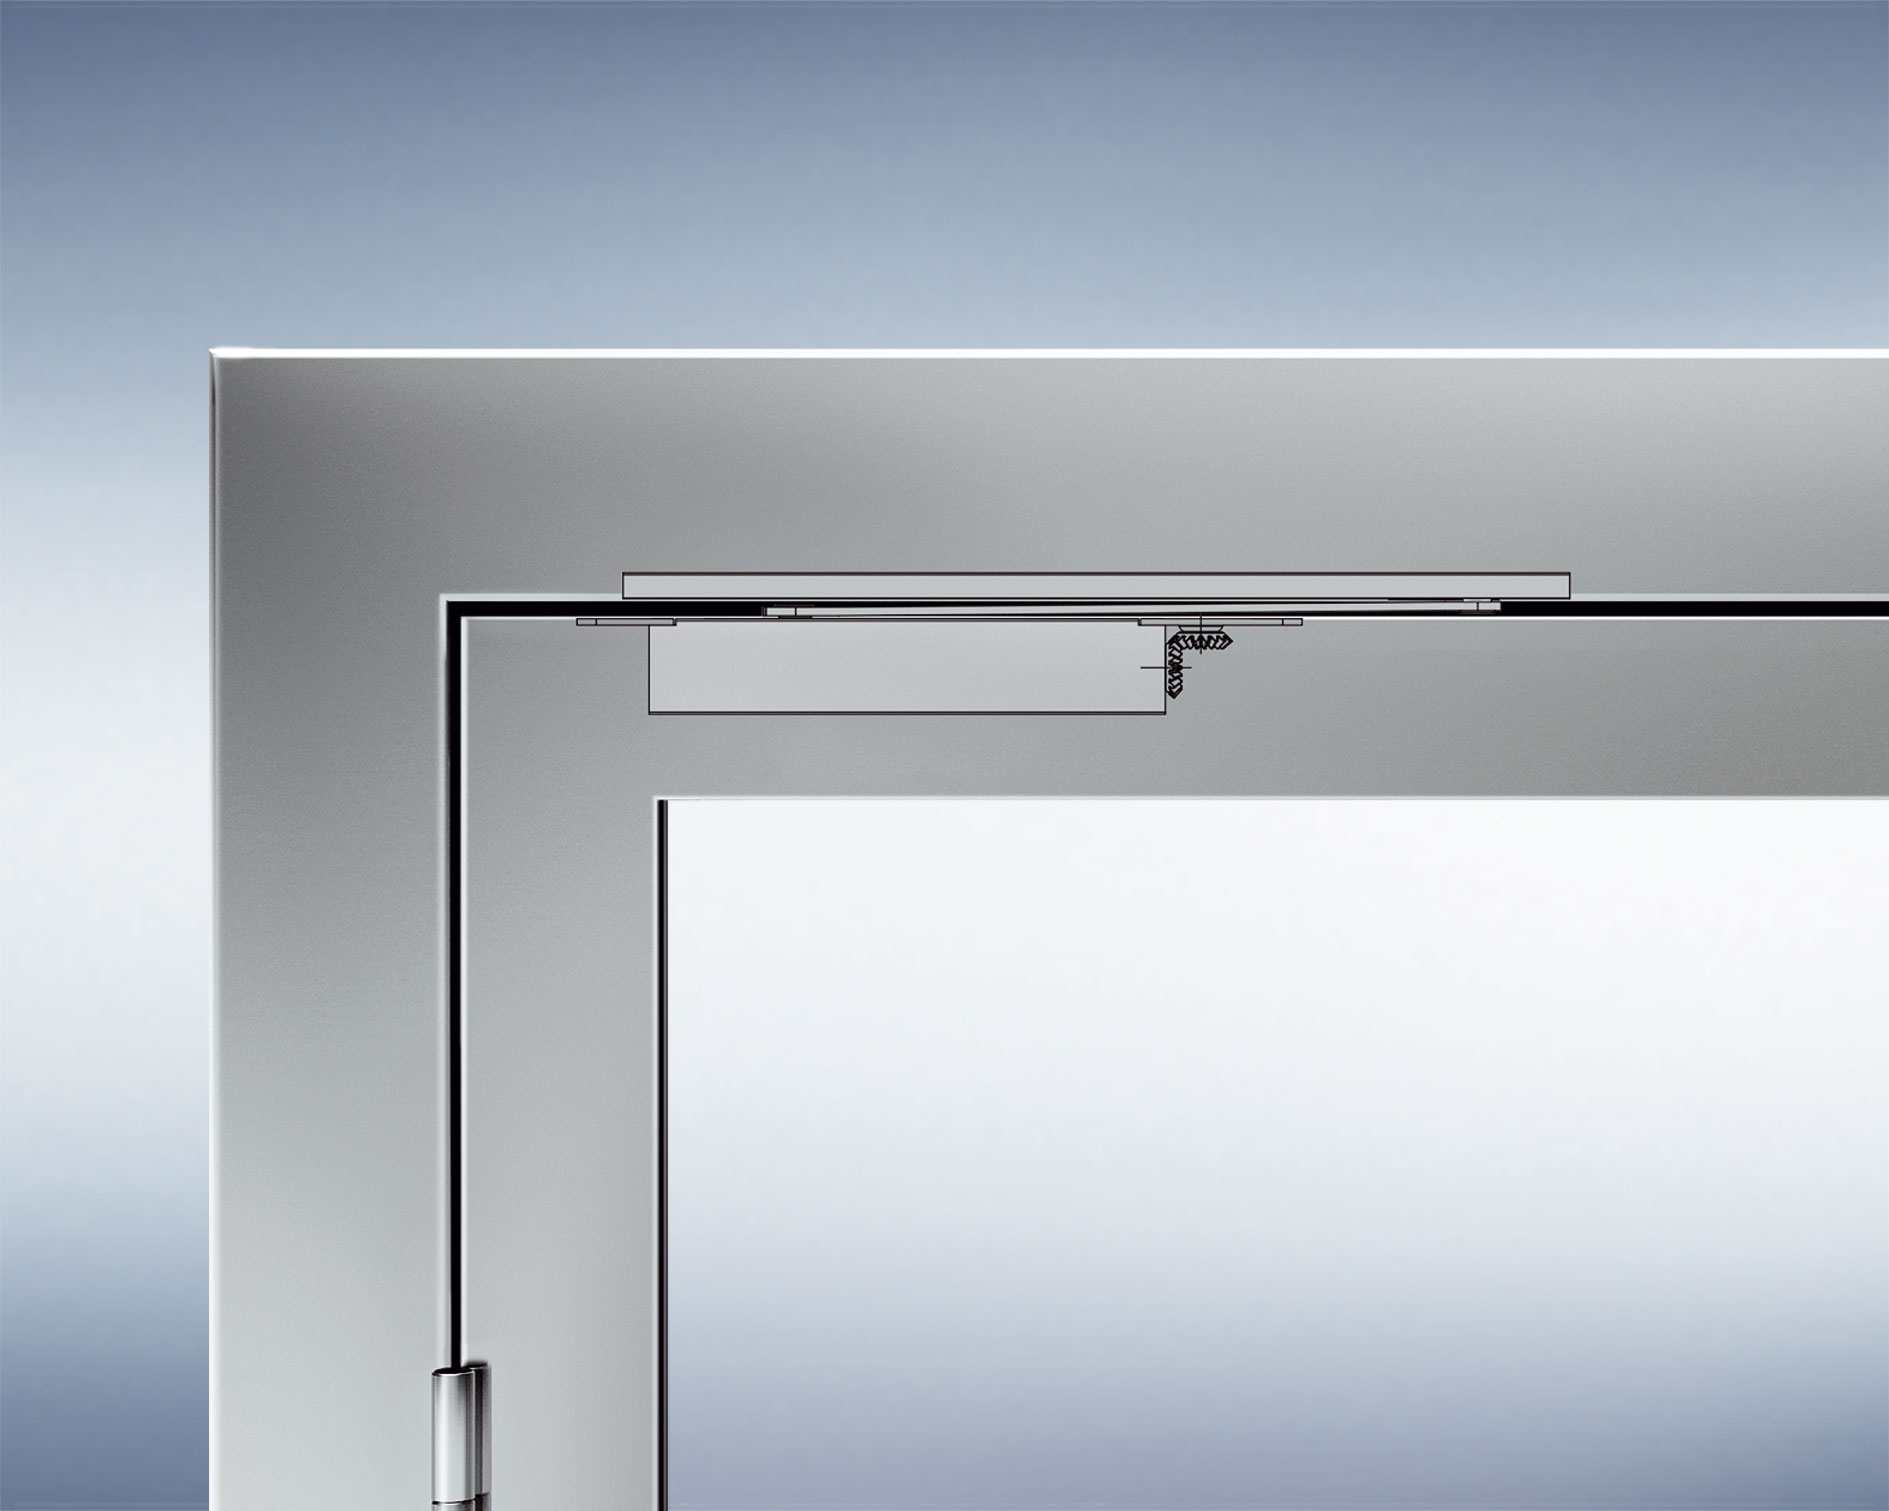 Concealed door closer & Concealed door closer - Door closer - Door technology - GRETSCH-UNITAS